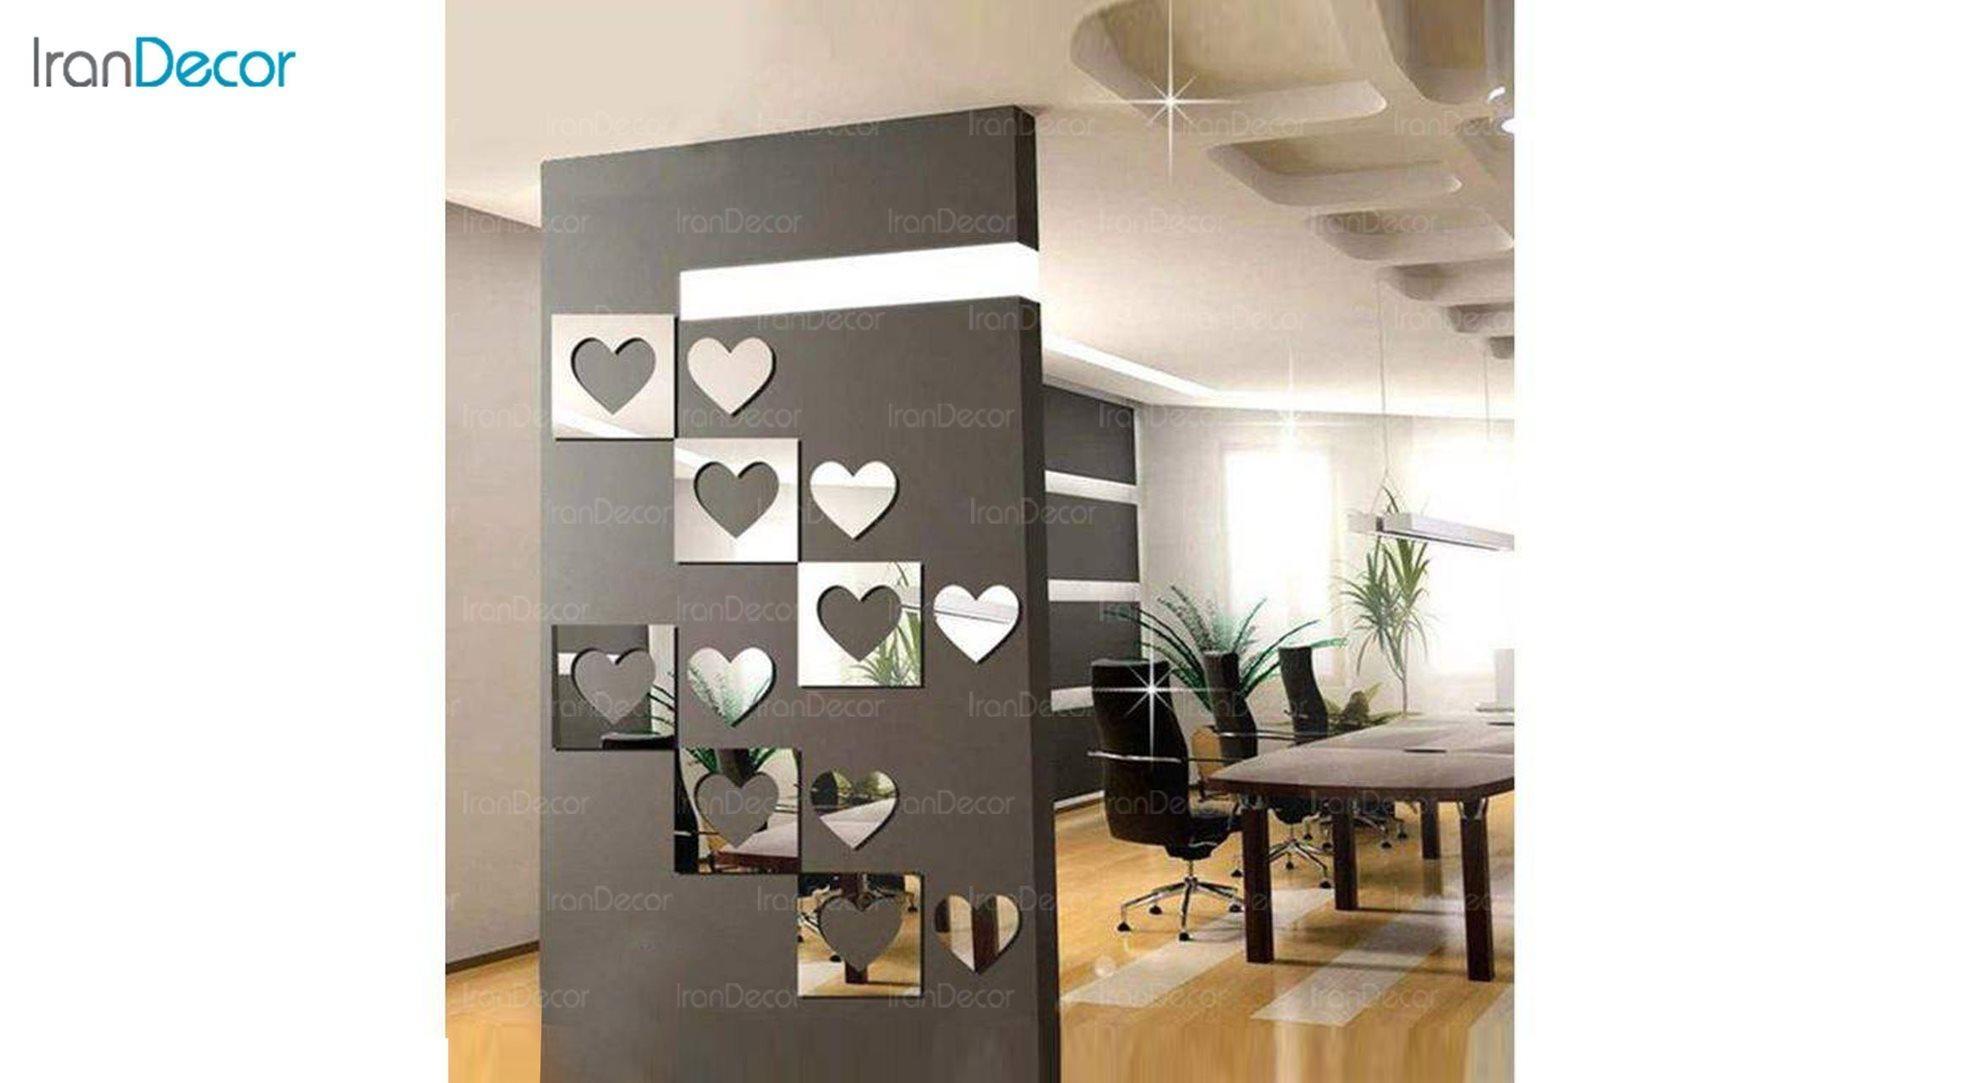 آینه پلکسی گلس طرح قلب رومادون کد 452 اندازه 30 سانتی متر